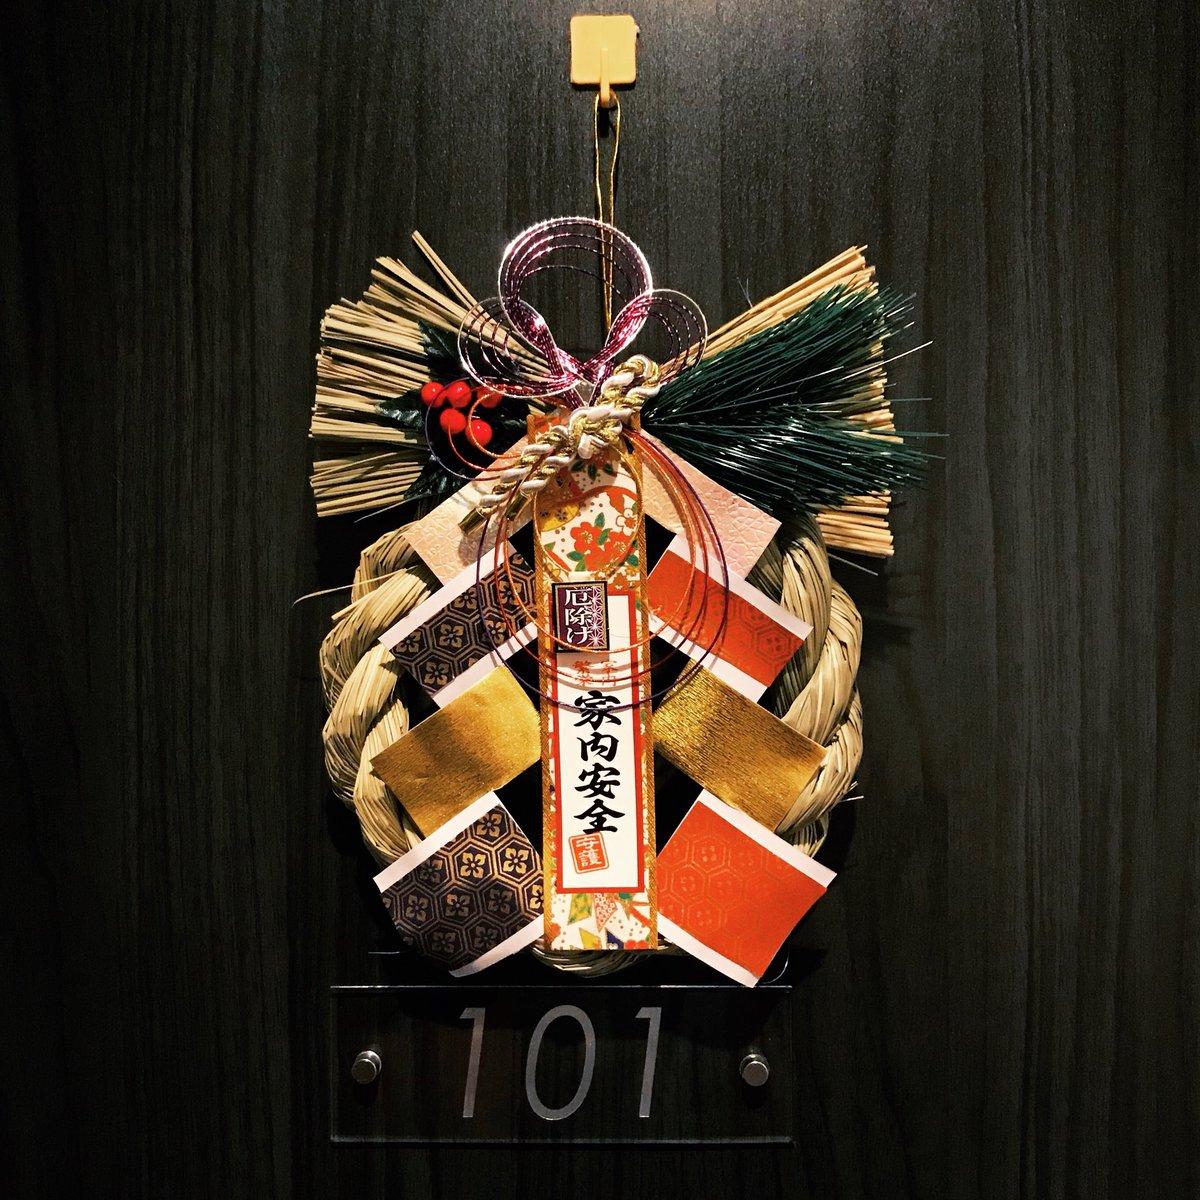 Shimakezari, ein japanischer üppig geschmückter Türkranz, der Glück für das neue Jahr bringen soll.